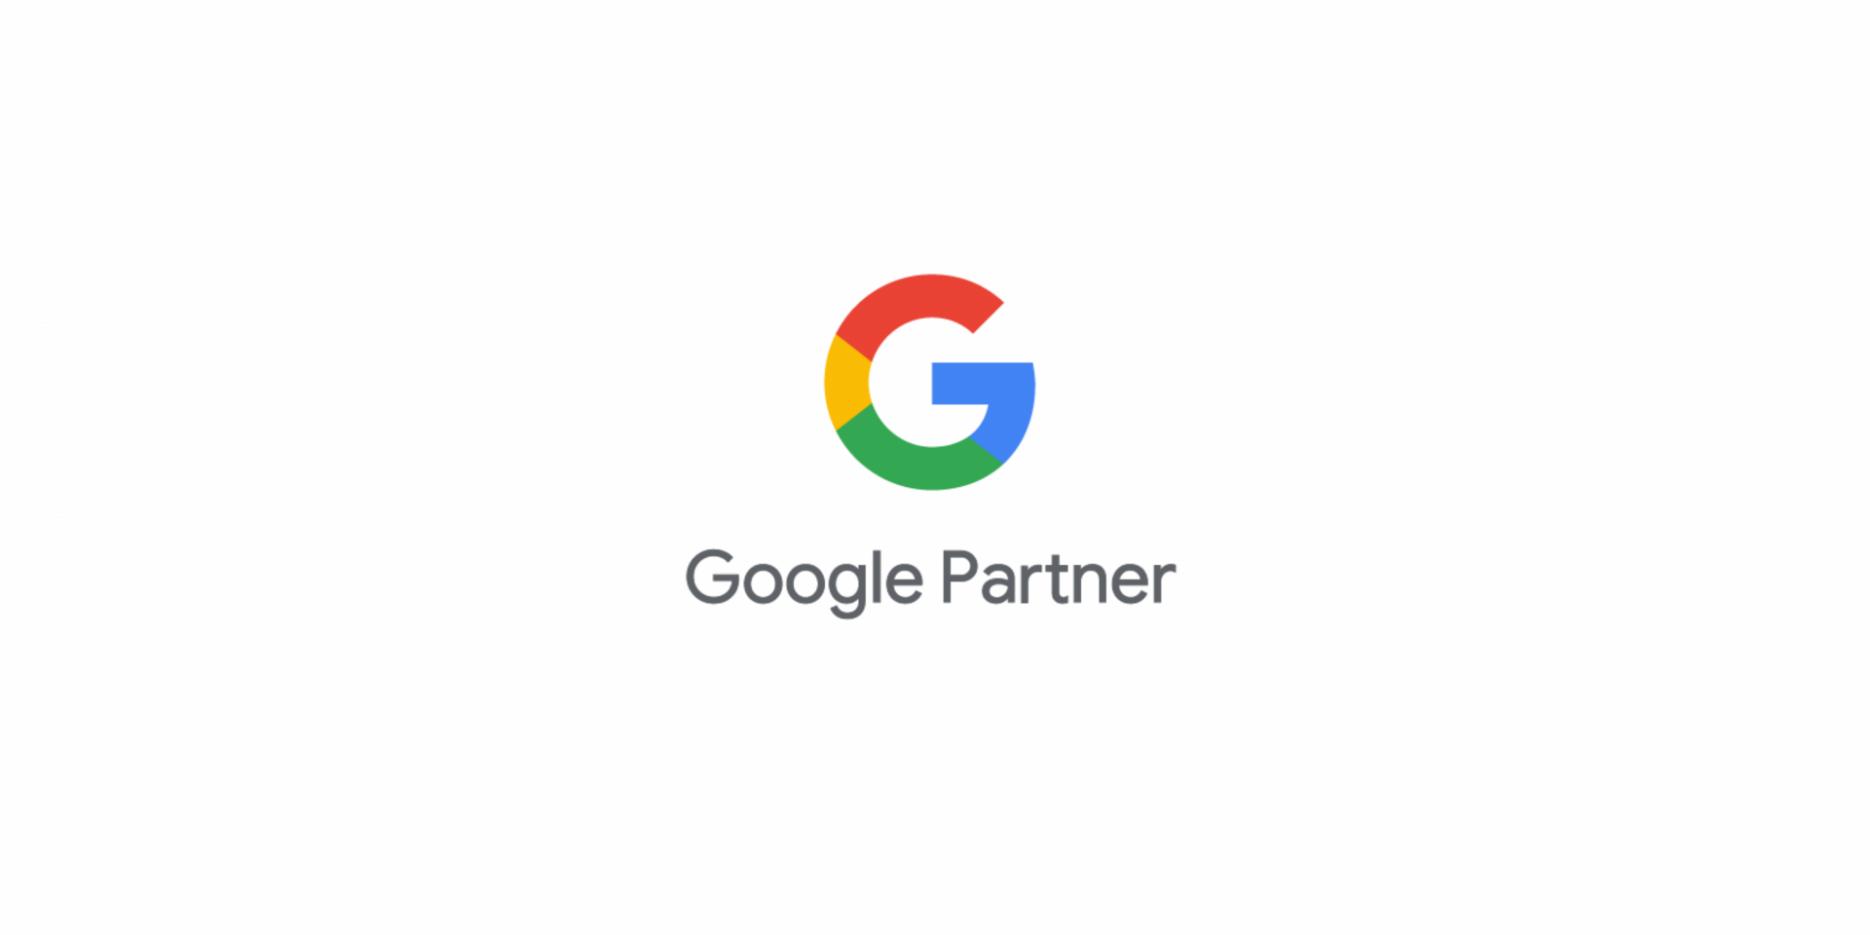 Google Partner – Comment obtenir la certification ?